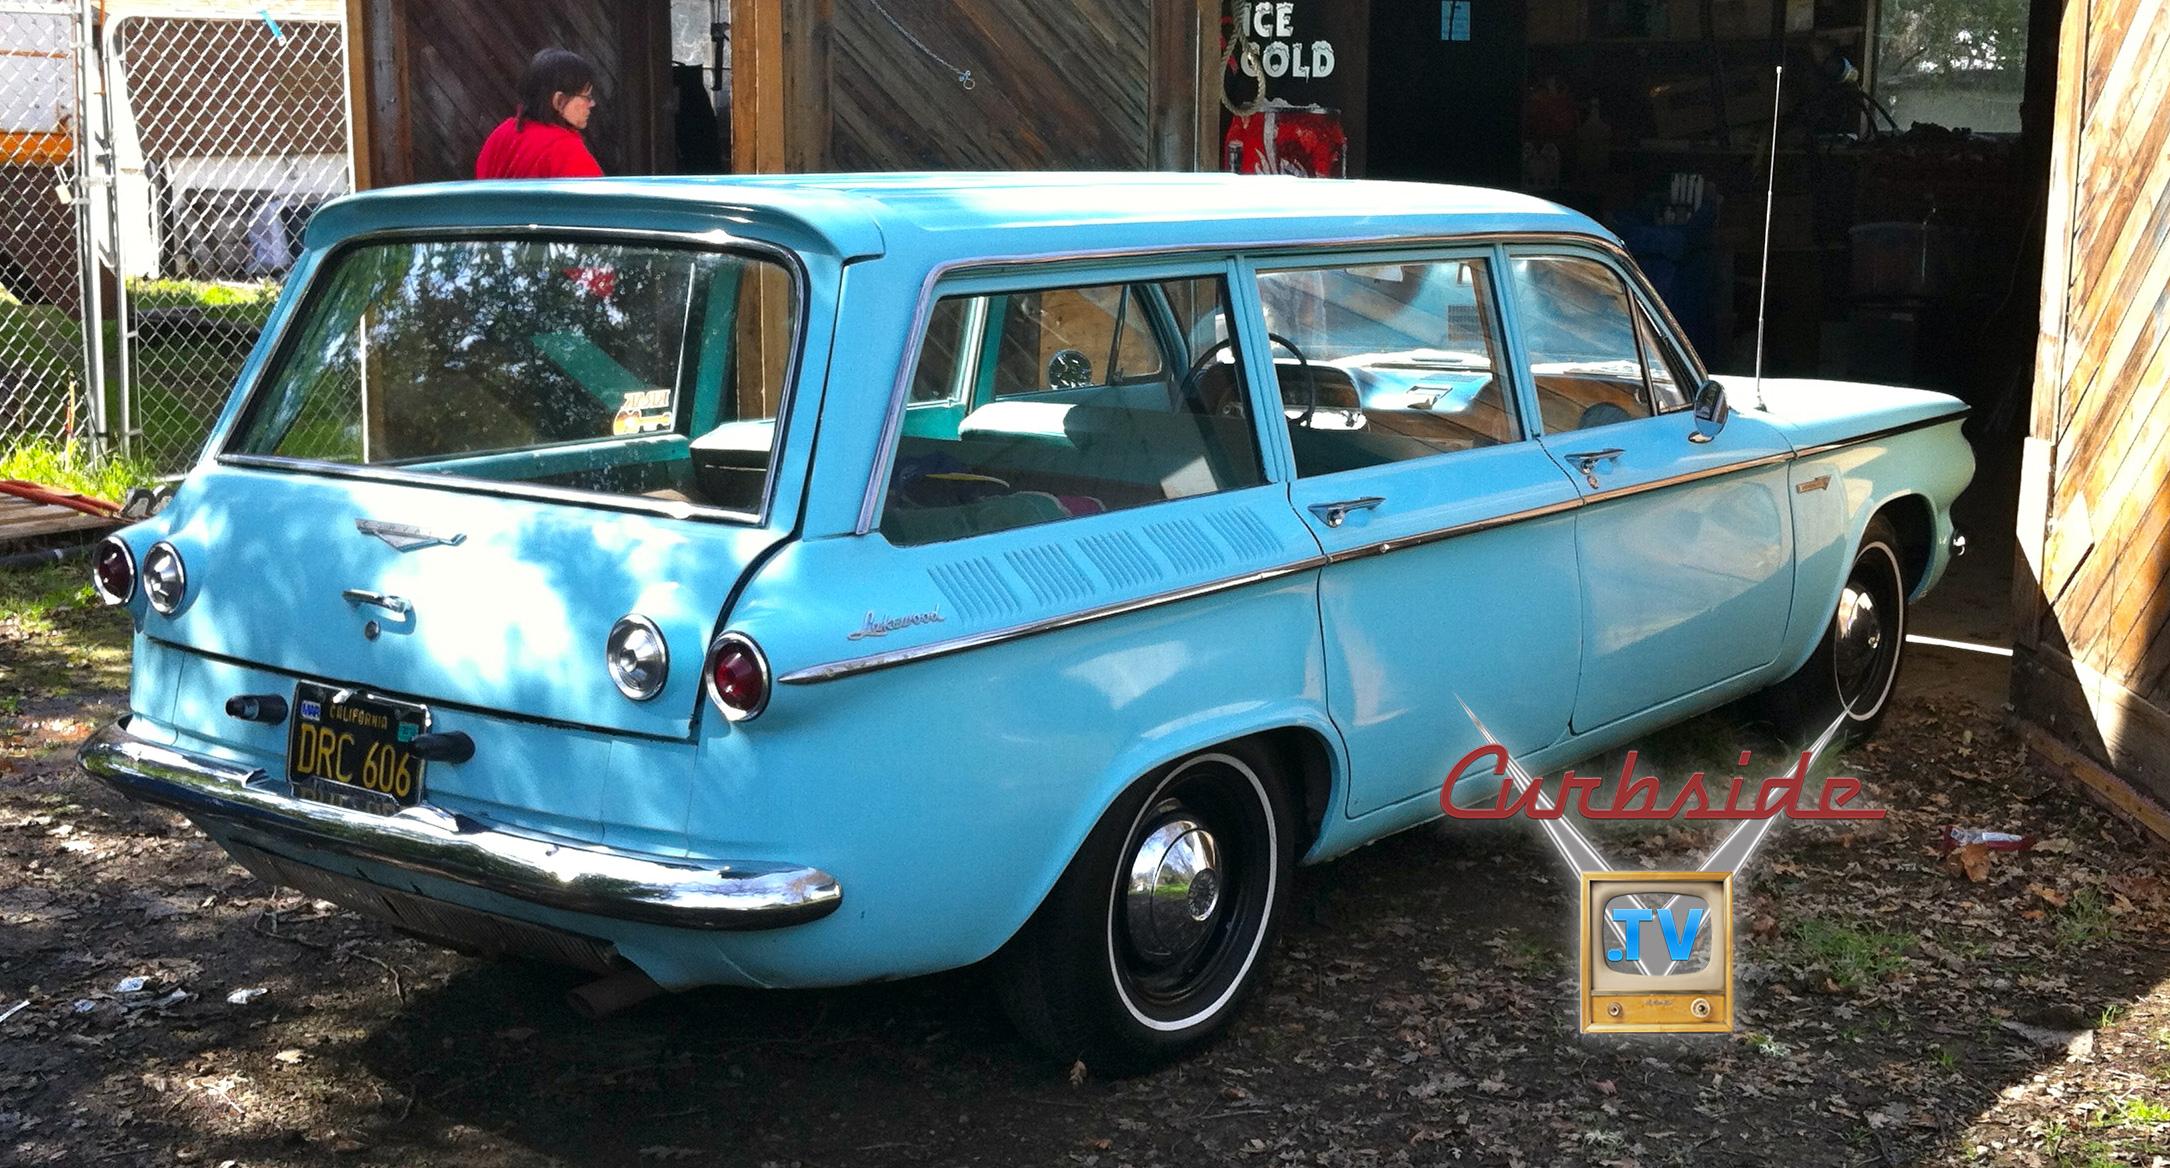 1961 Corvair Lakewood wagon